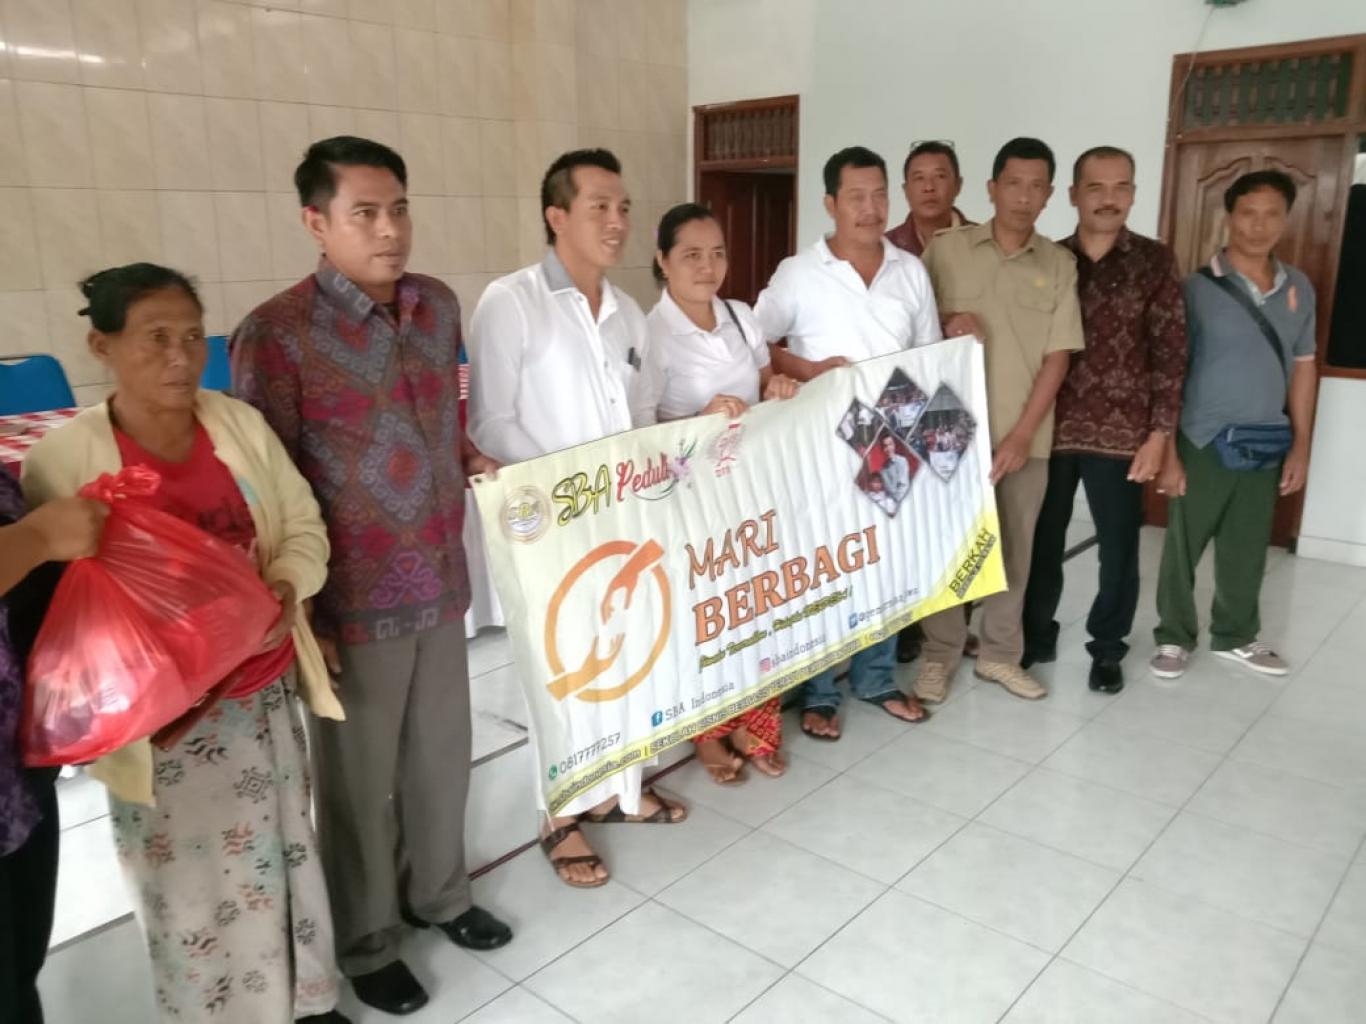 Yayasan Sba Indonesia Berikan Bantuan Sembako Kepada 50 Lansia Kurang Mampu Website Desa Tajun